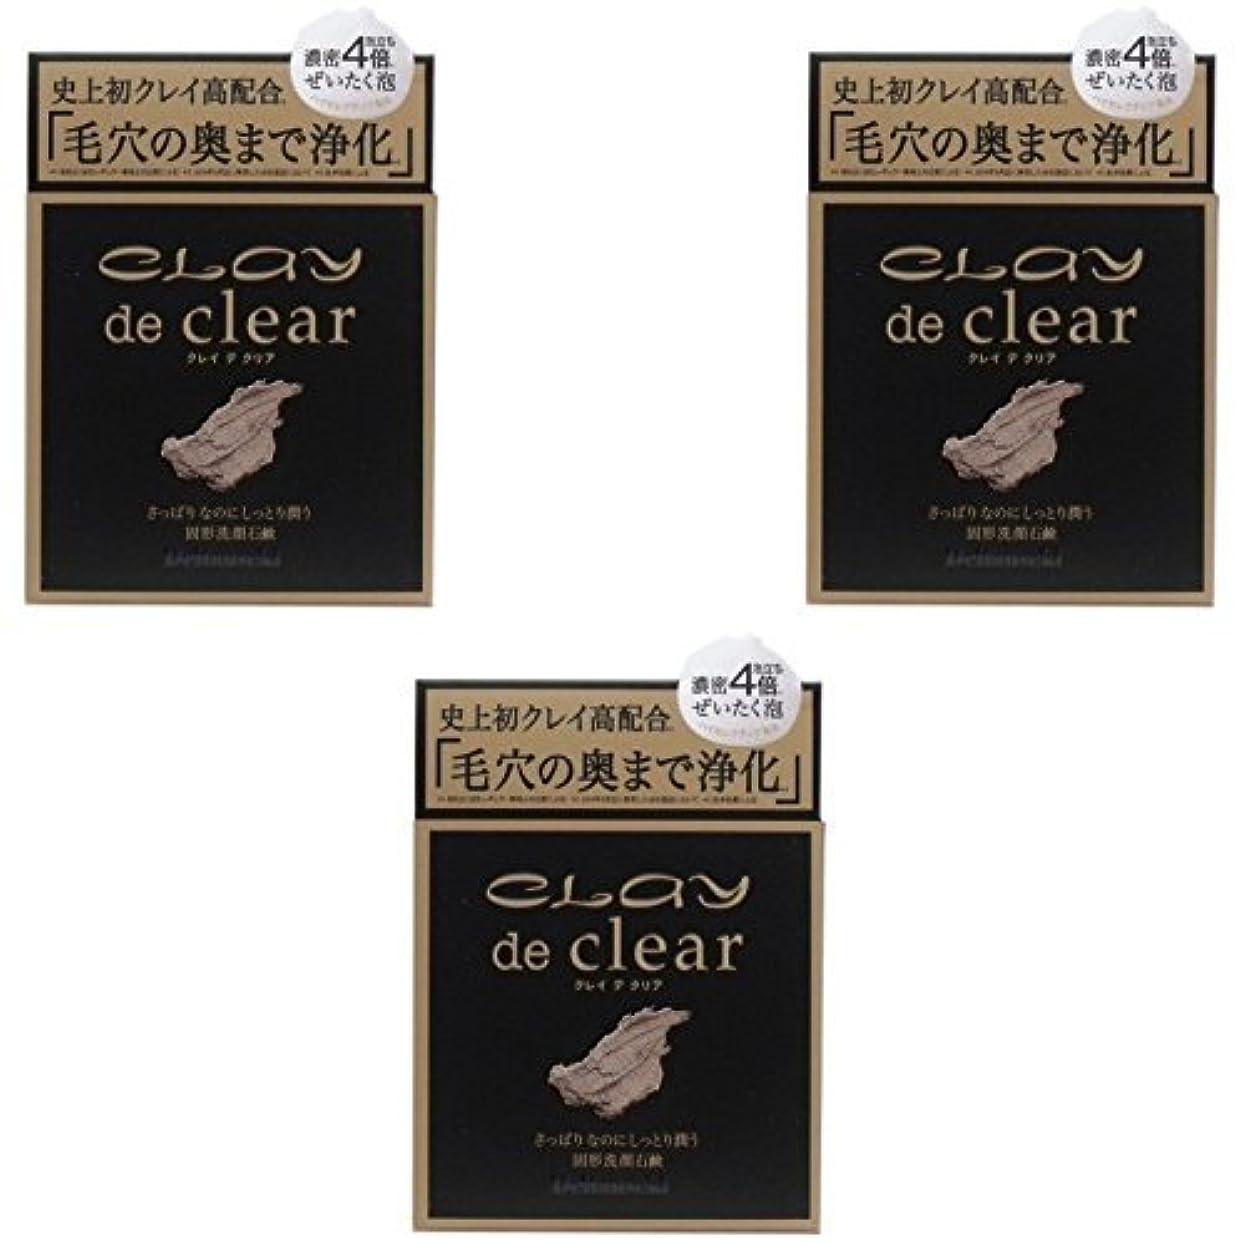 論争の的荒らすシプリー【まとめ買い】クレイ デ クリア フェイシャルソープ 80g【×3個】